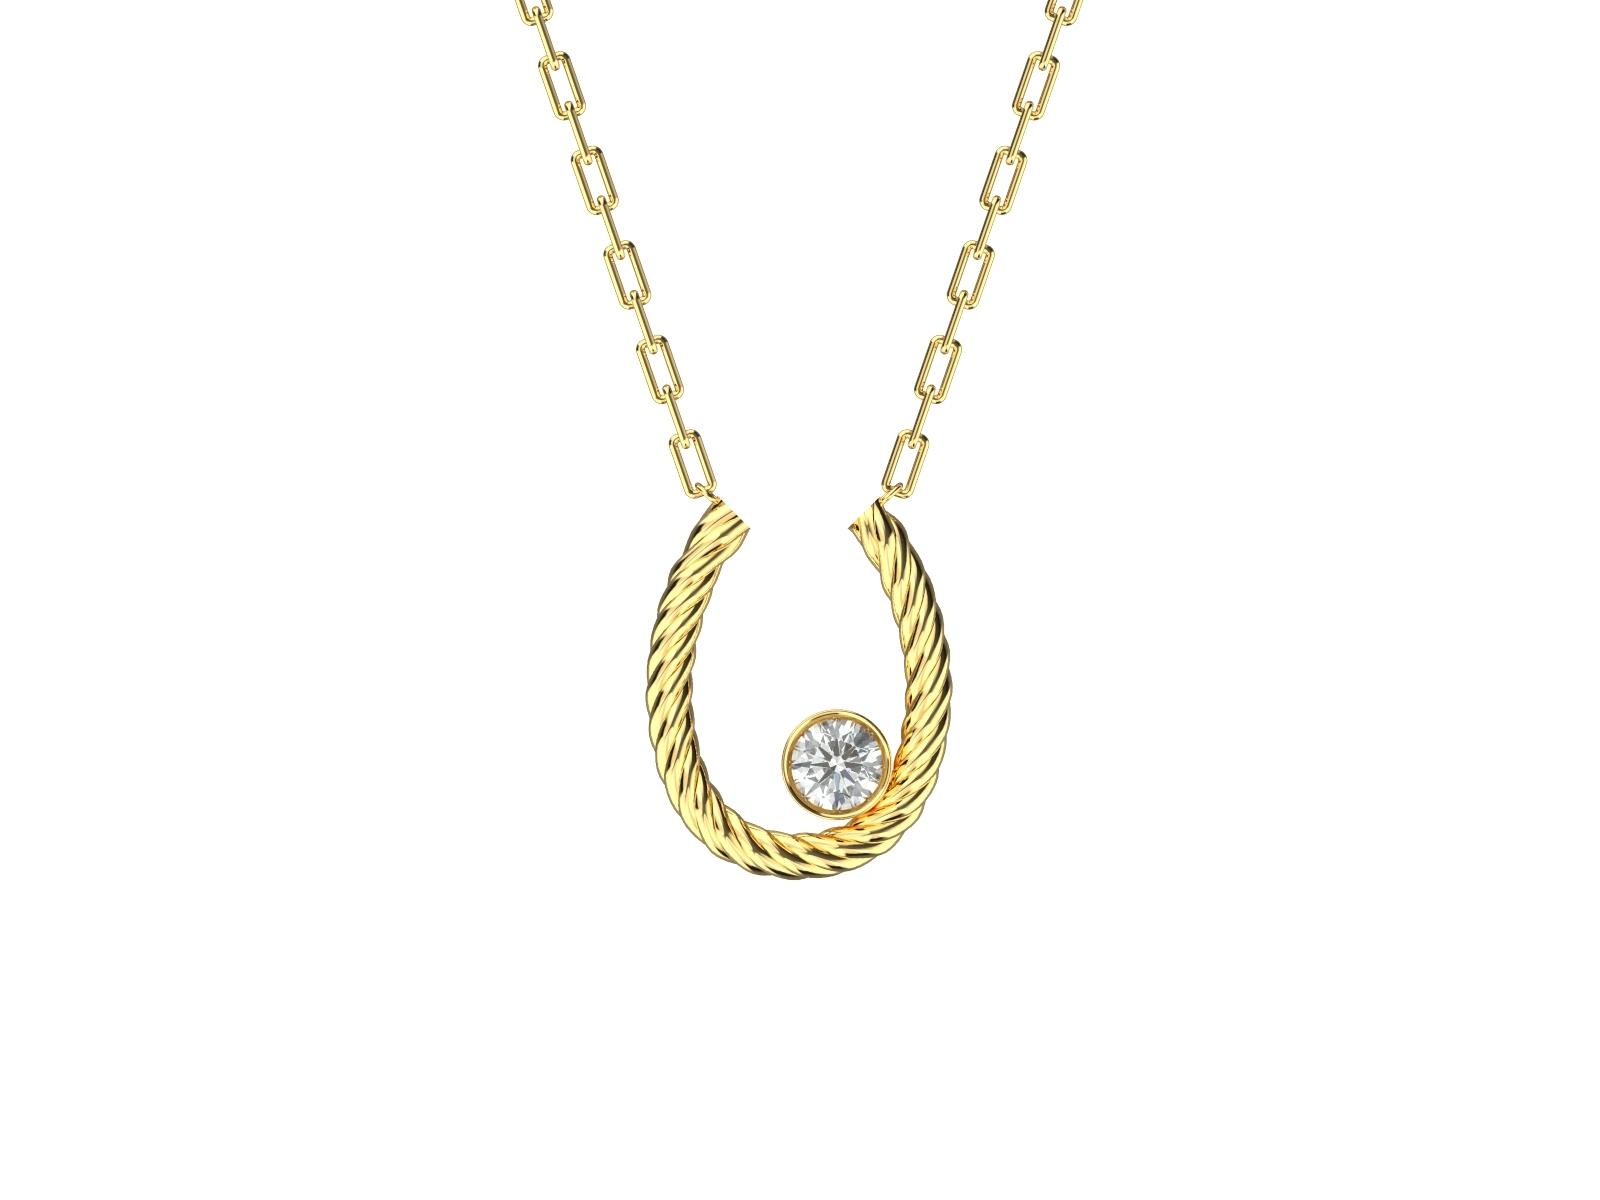 K18YG Necklace